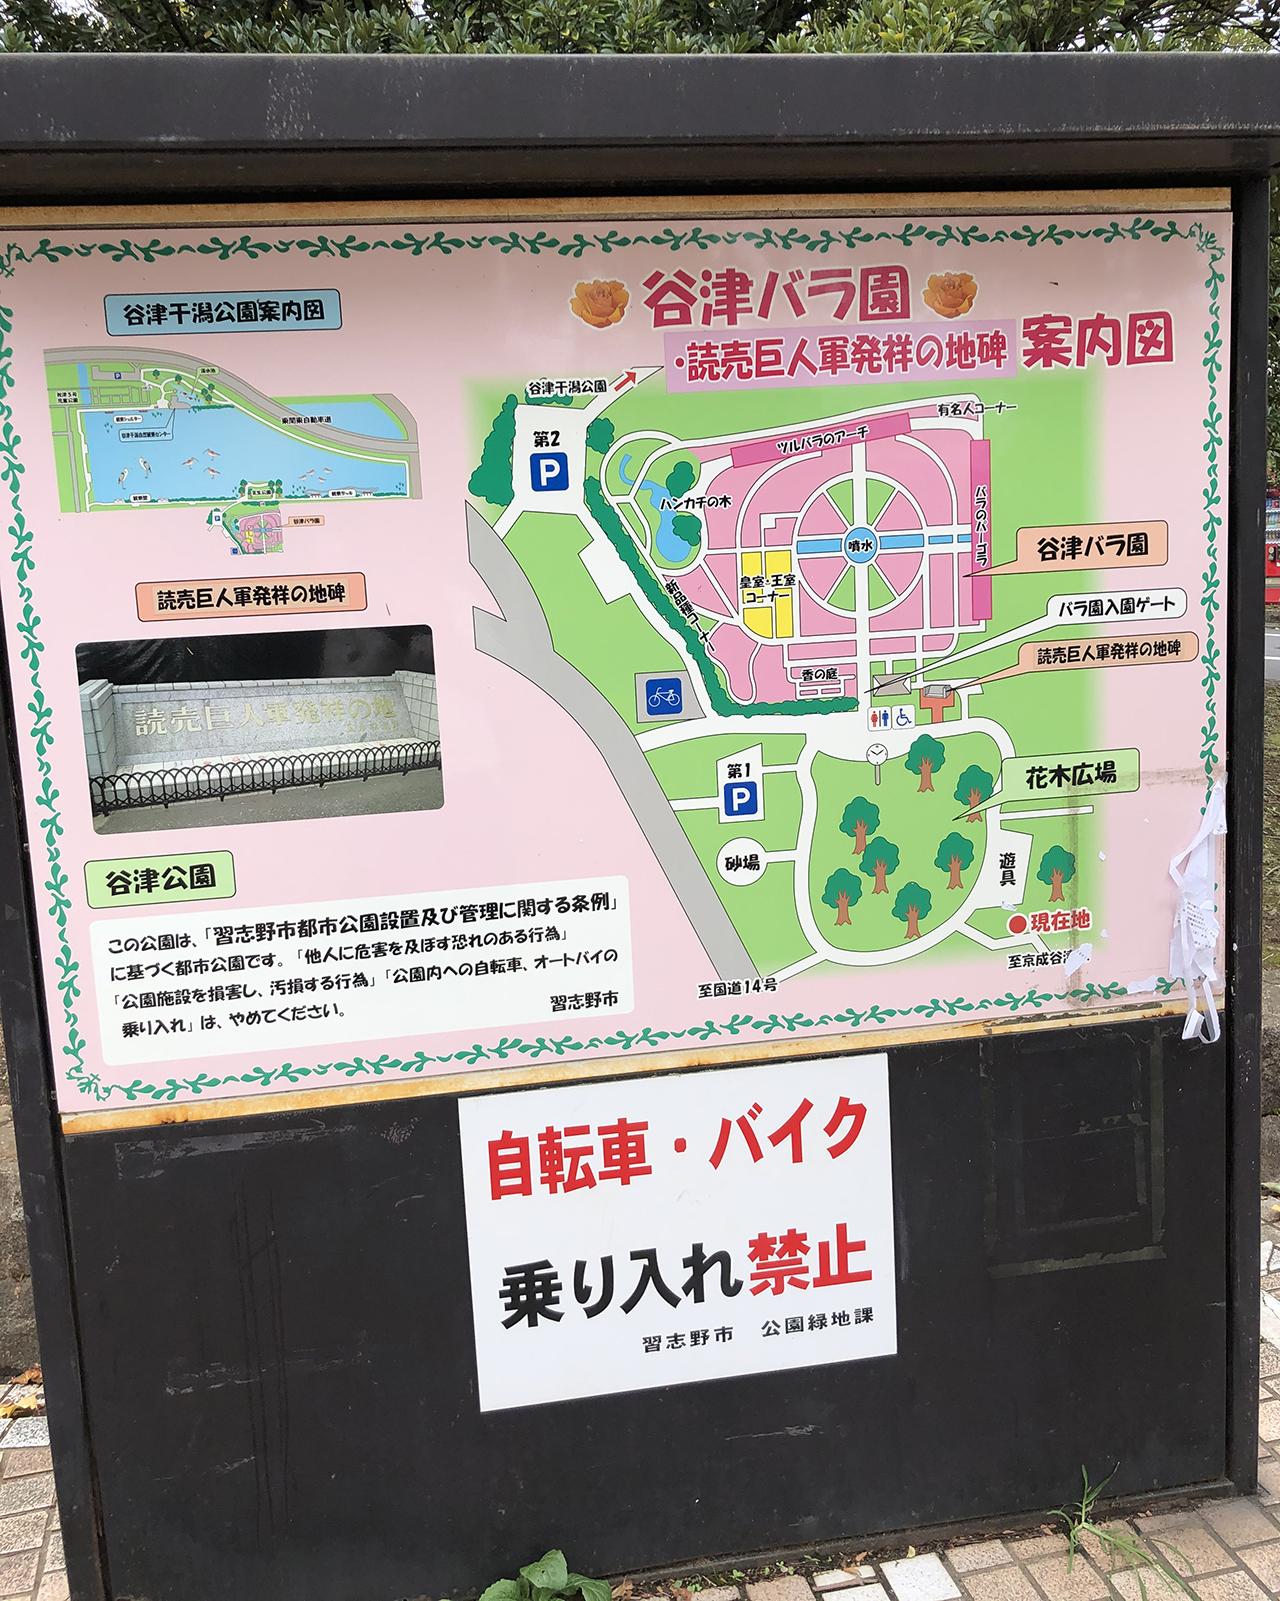 谷津公園の地図の写真